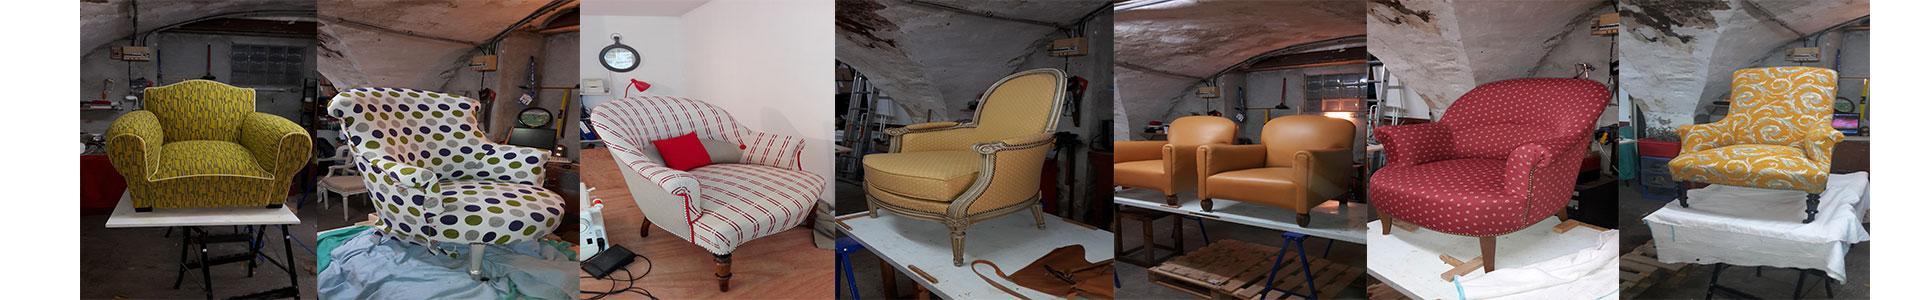 tarif fauteuil et sige tapissier - Tapissier Fauteuil